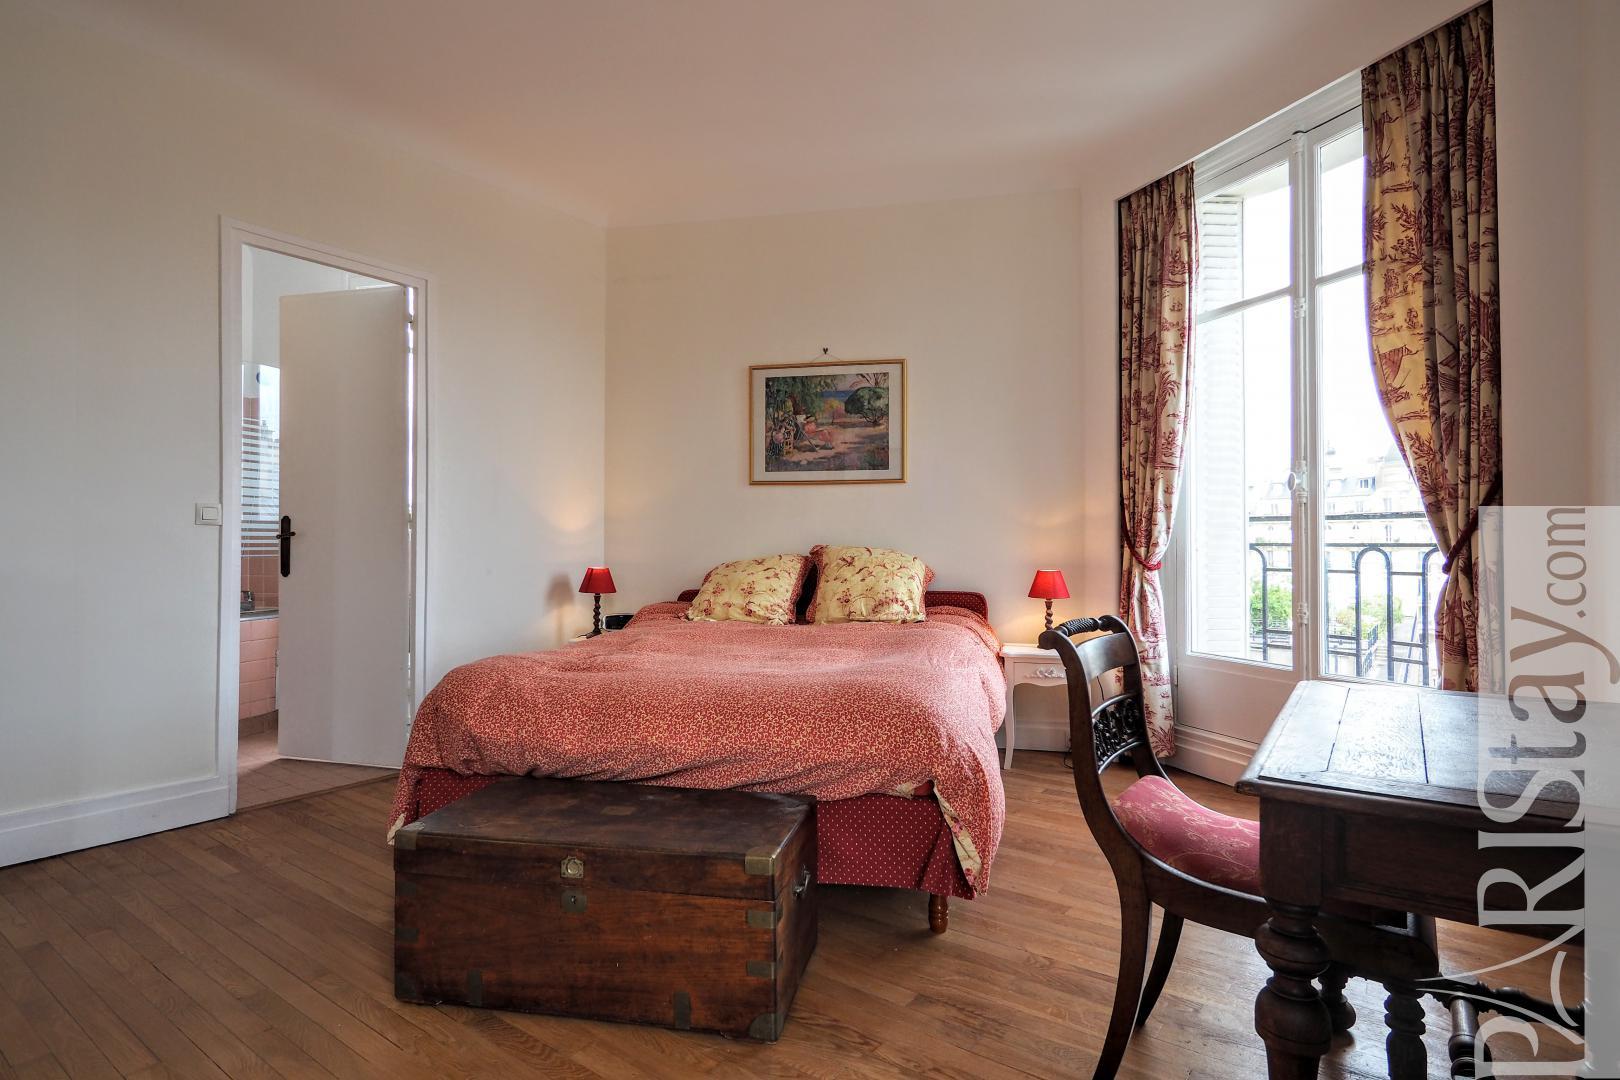 paris location meubl e appartement type t2 lauriston 62. Black Bedroom Furniture Sets. Home Design Ideas